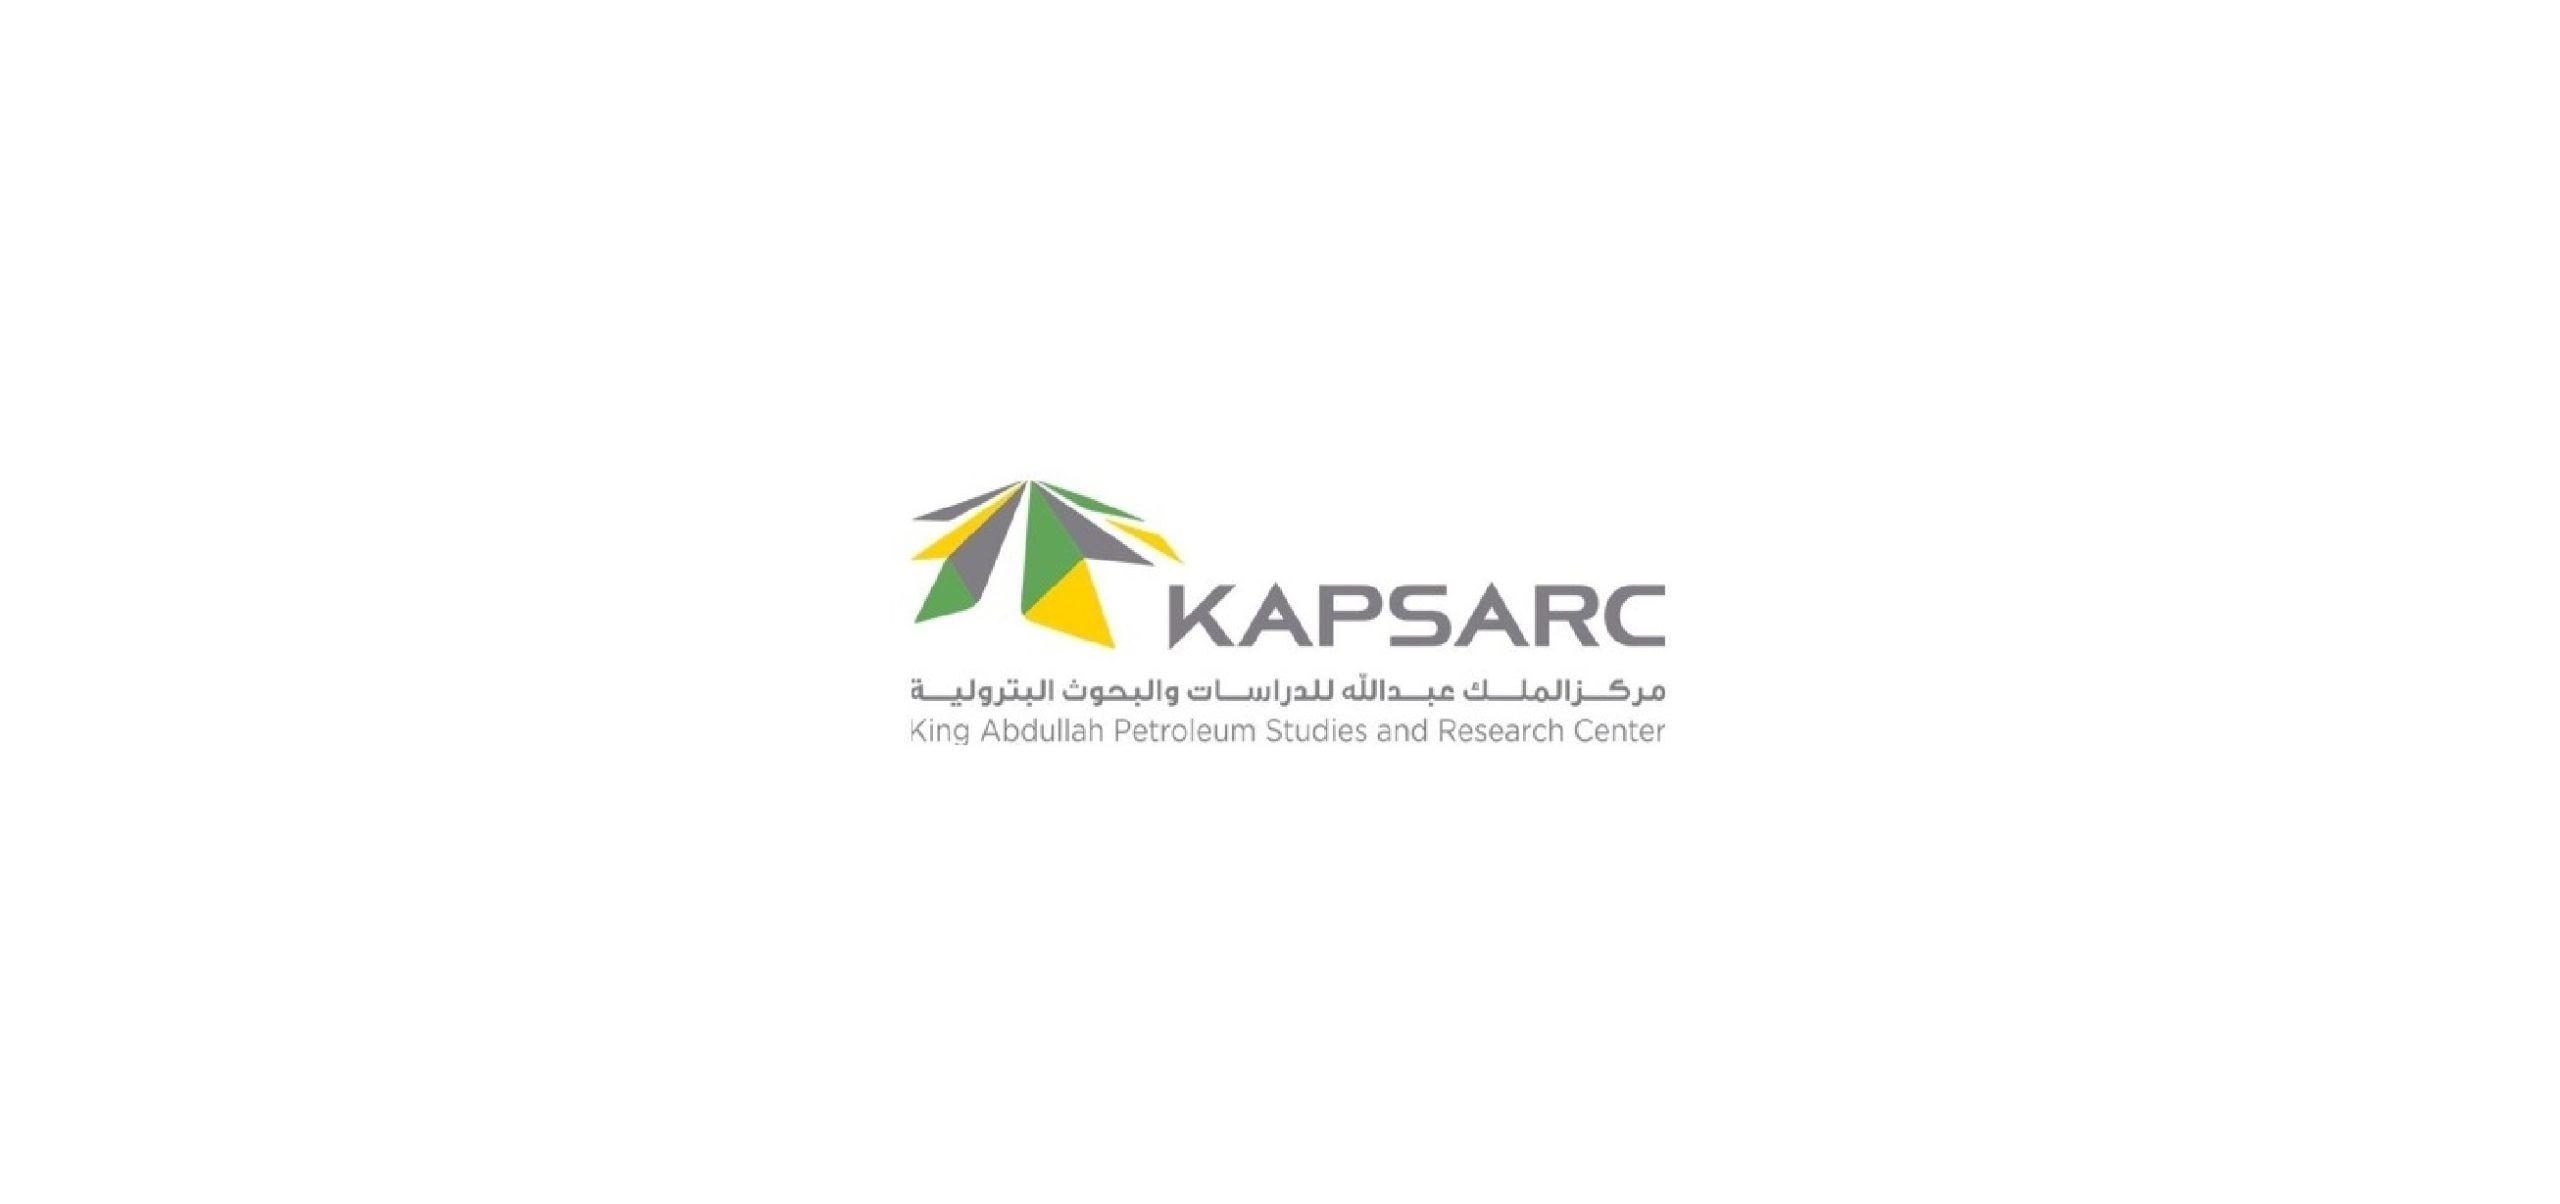 مركز الملك عبدالله للدراسات والبحوث البترولية يعلن عن فتح باب التسجيل في البرنامج التدريبي للخريج King Abdullah Research Centre Study